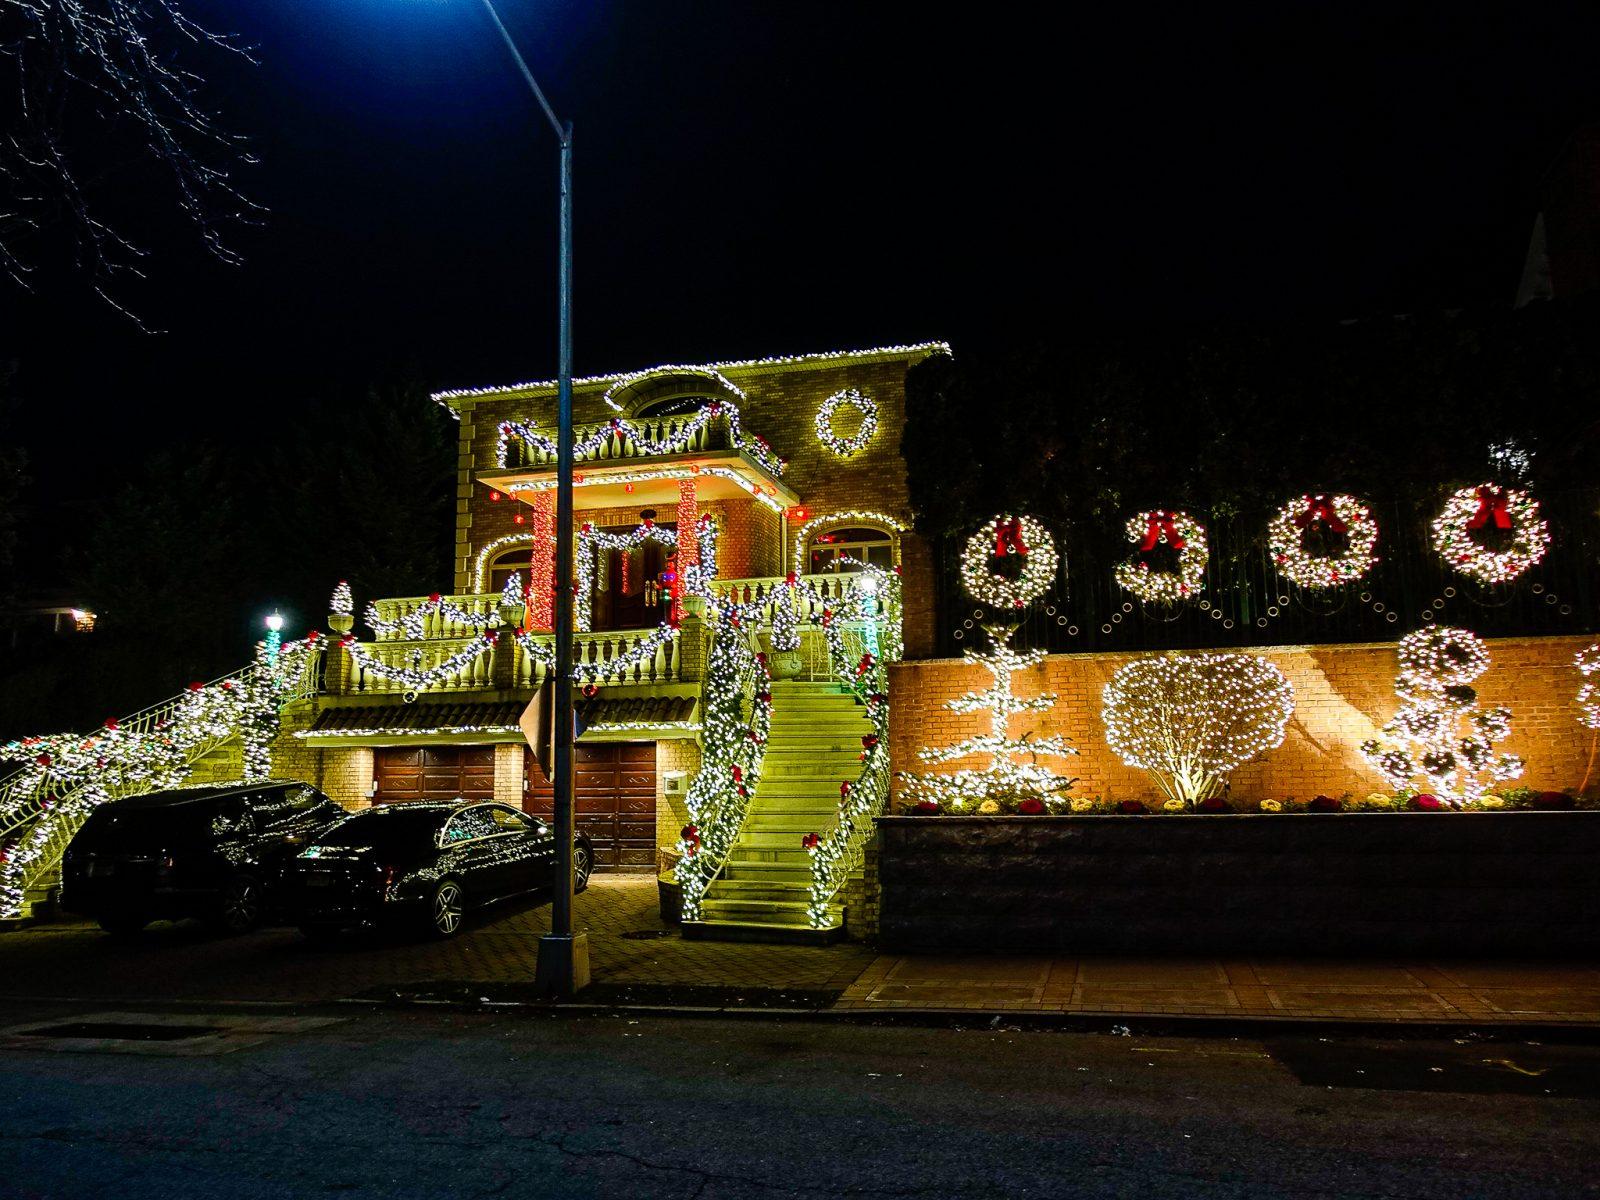 Glorete julehus amerikansk julepynt